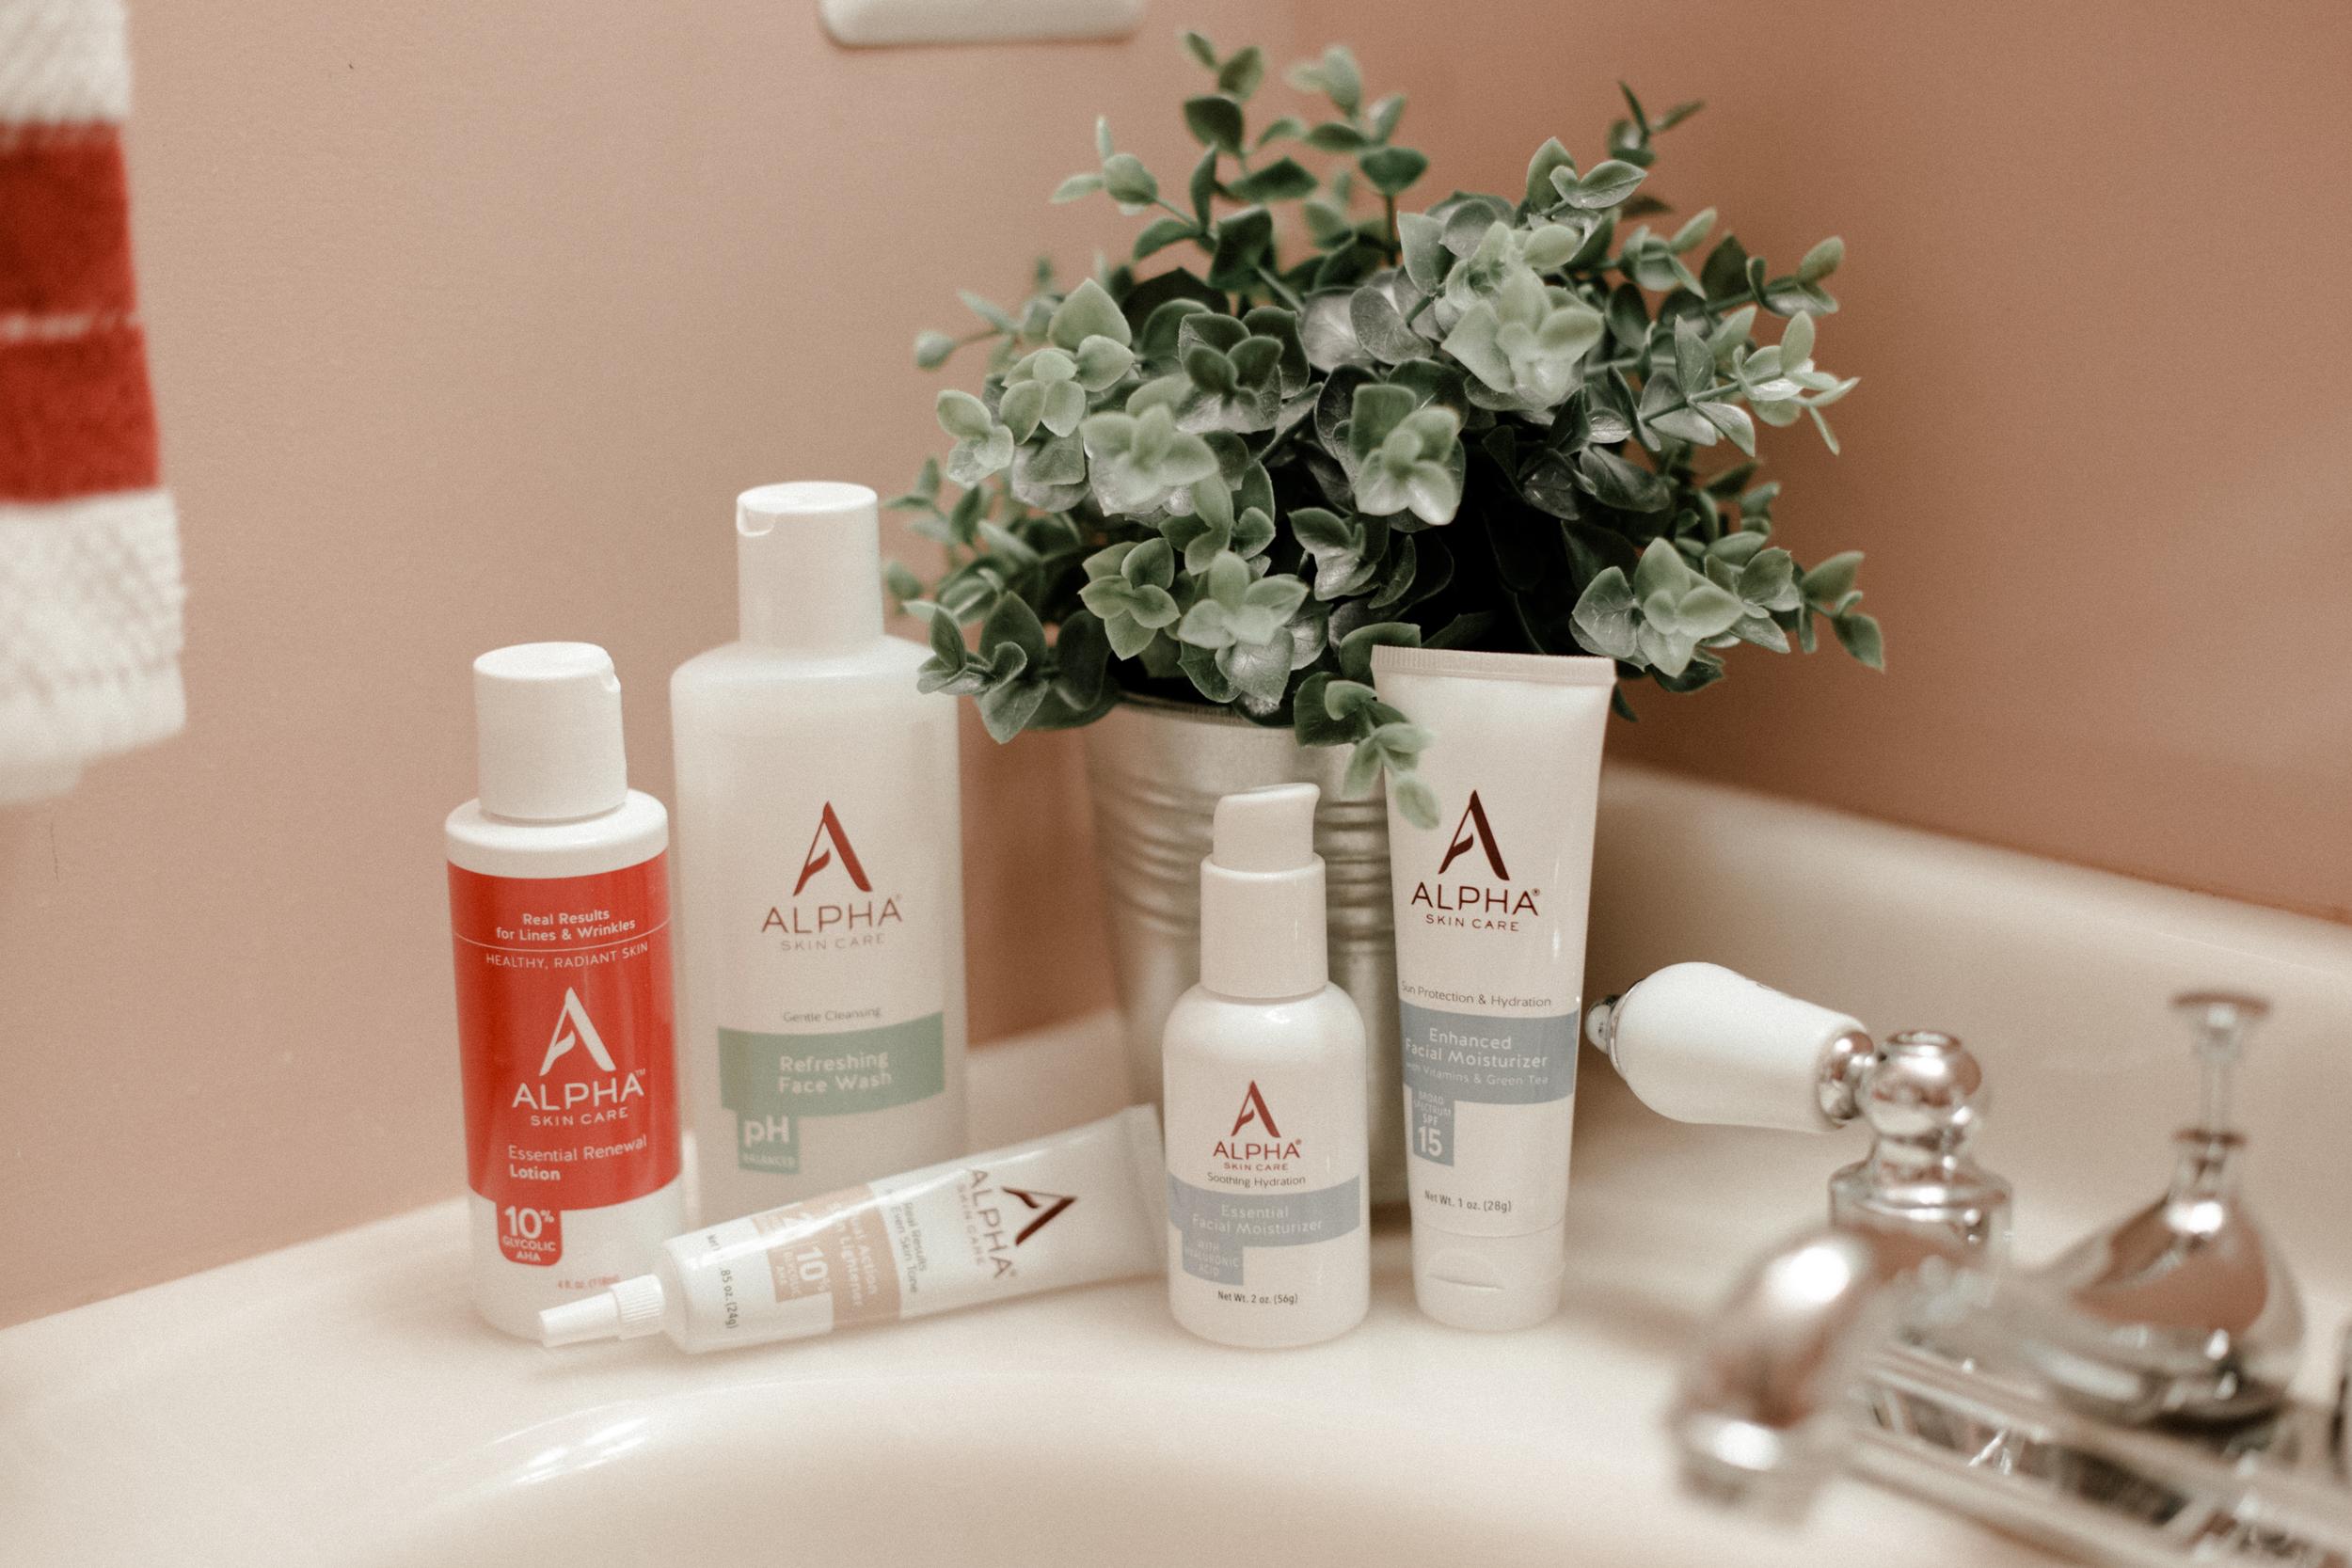 Alpha Skincare Review